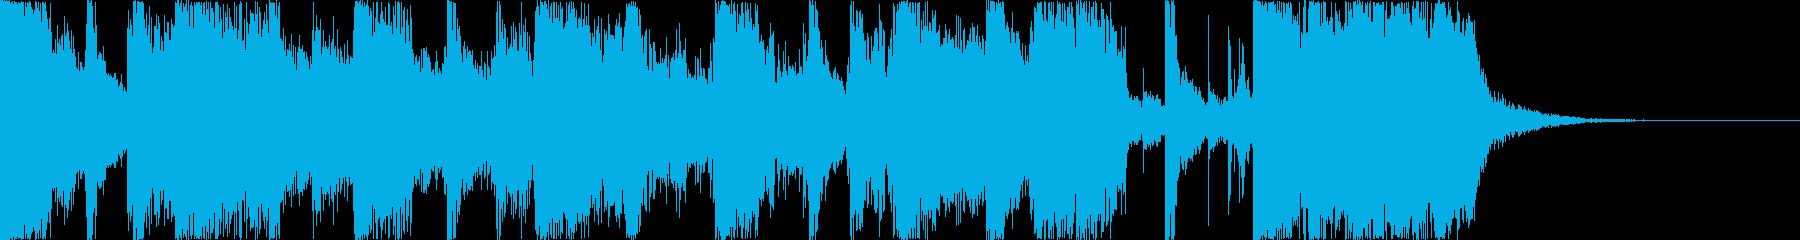 エッジの効いたギターの短い曲の再生済みの波形